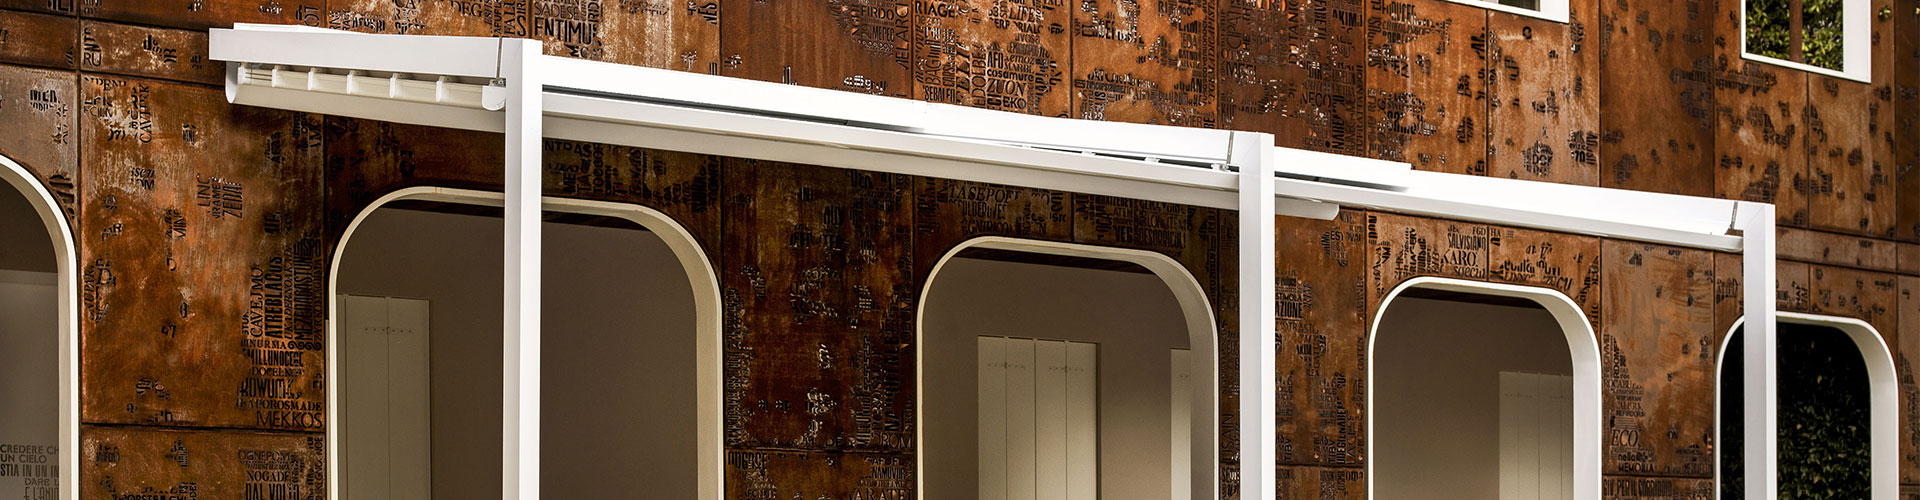 Tekla Porte E Finestre tekla - porte e finestre | azienda leader nella